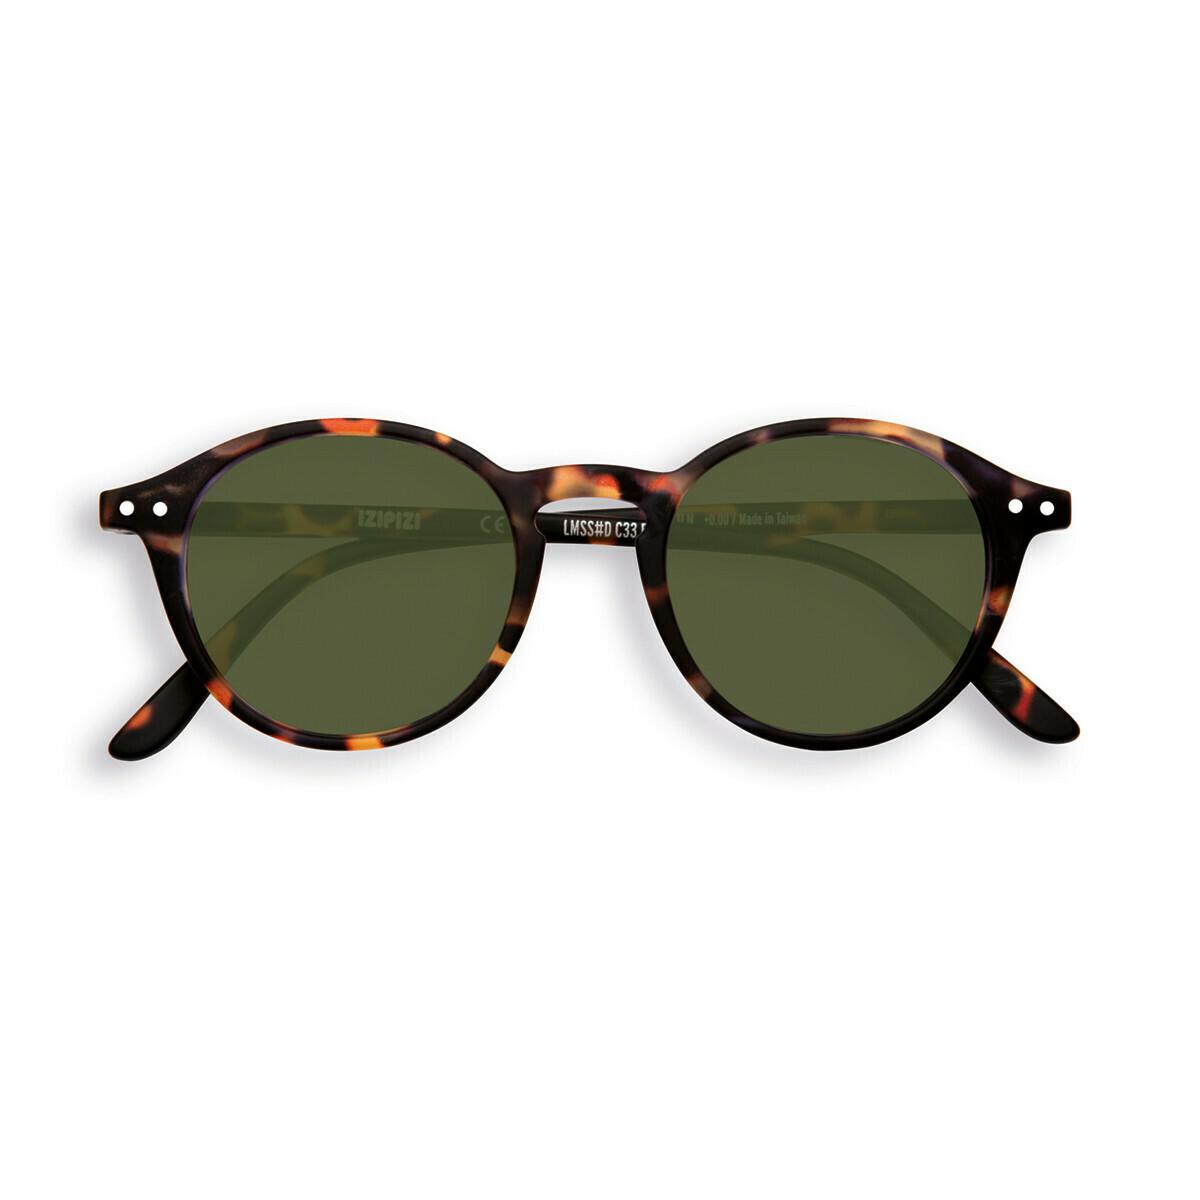 Sunglasses #D - Tortoise - Green Lens